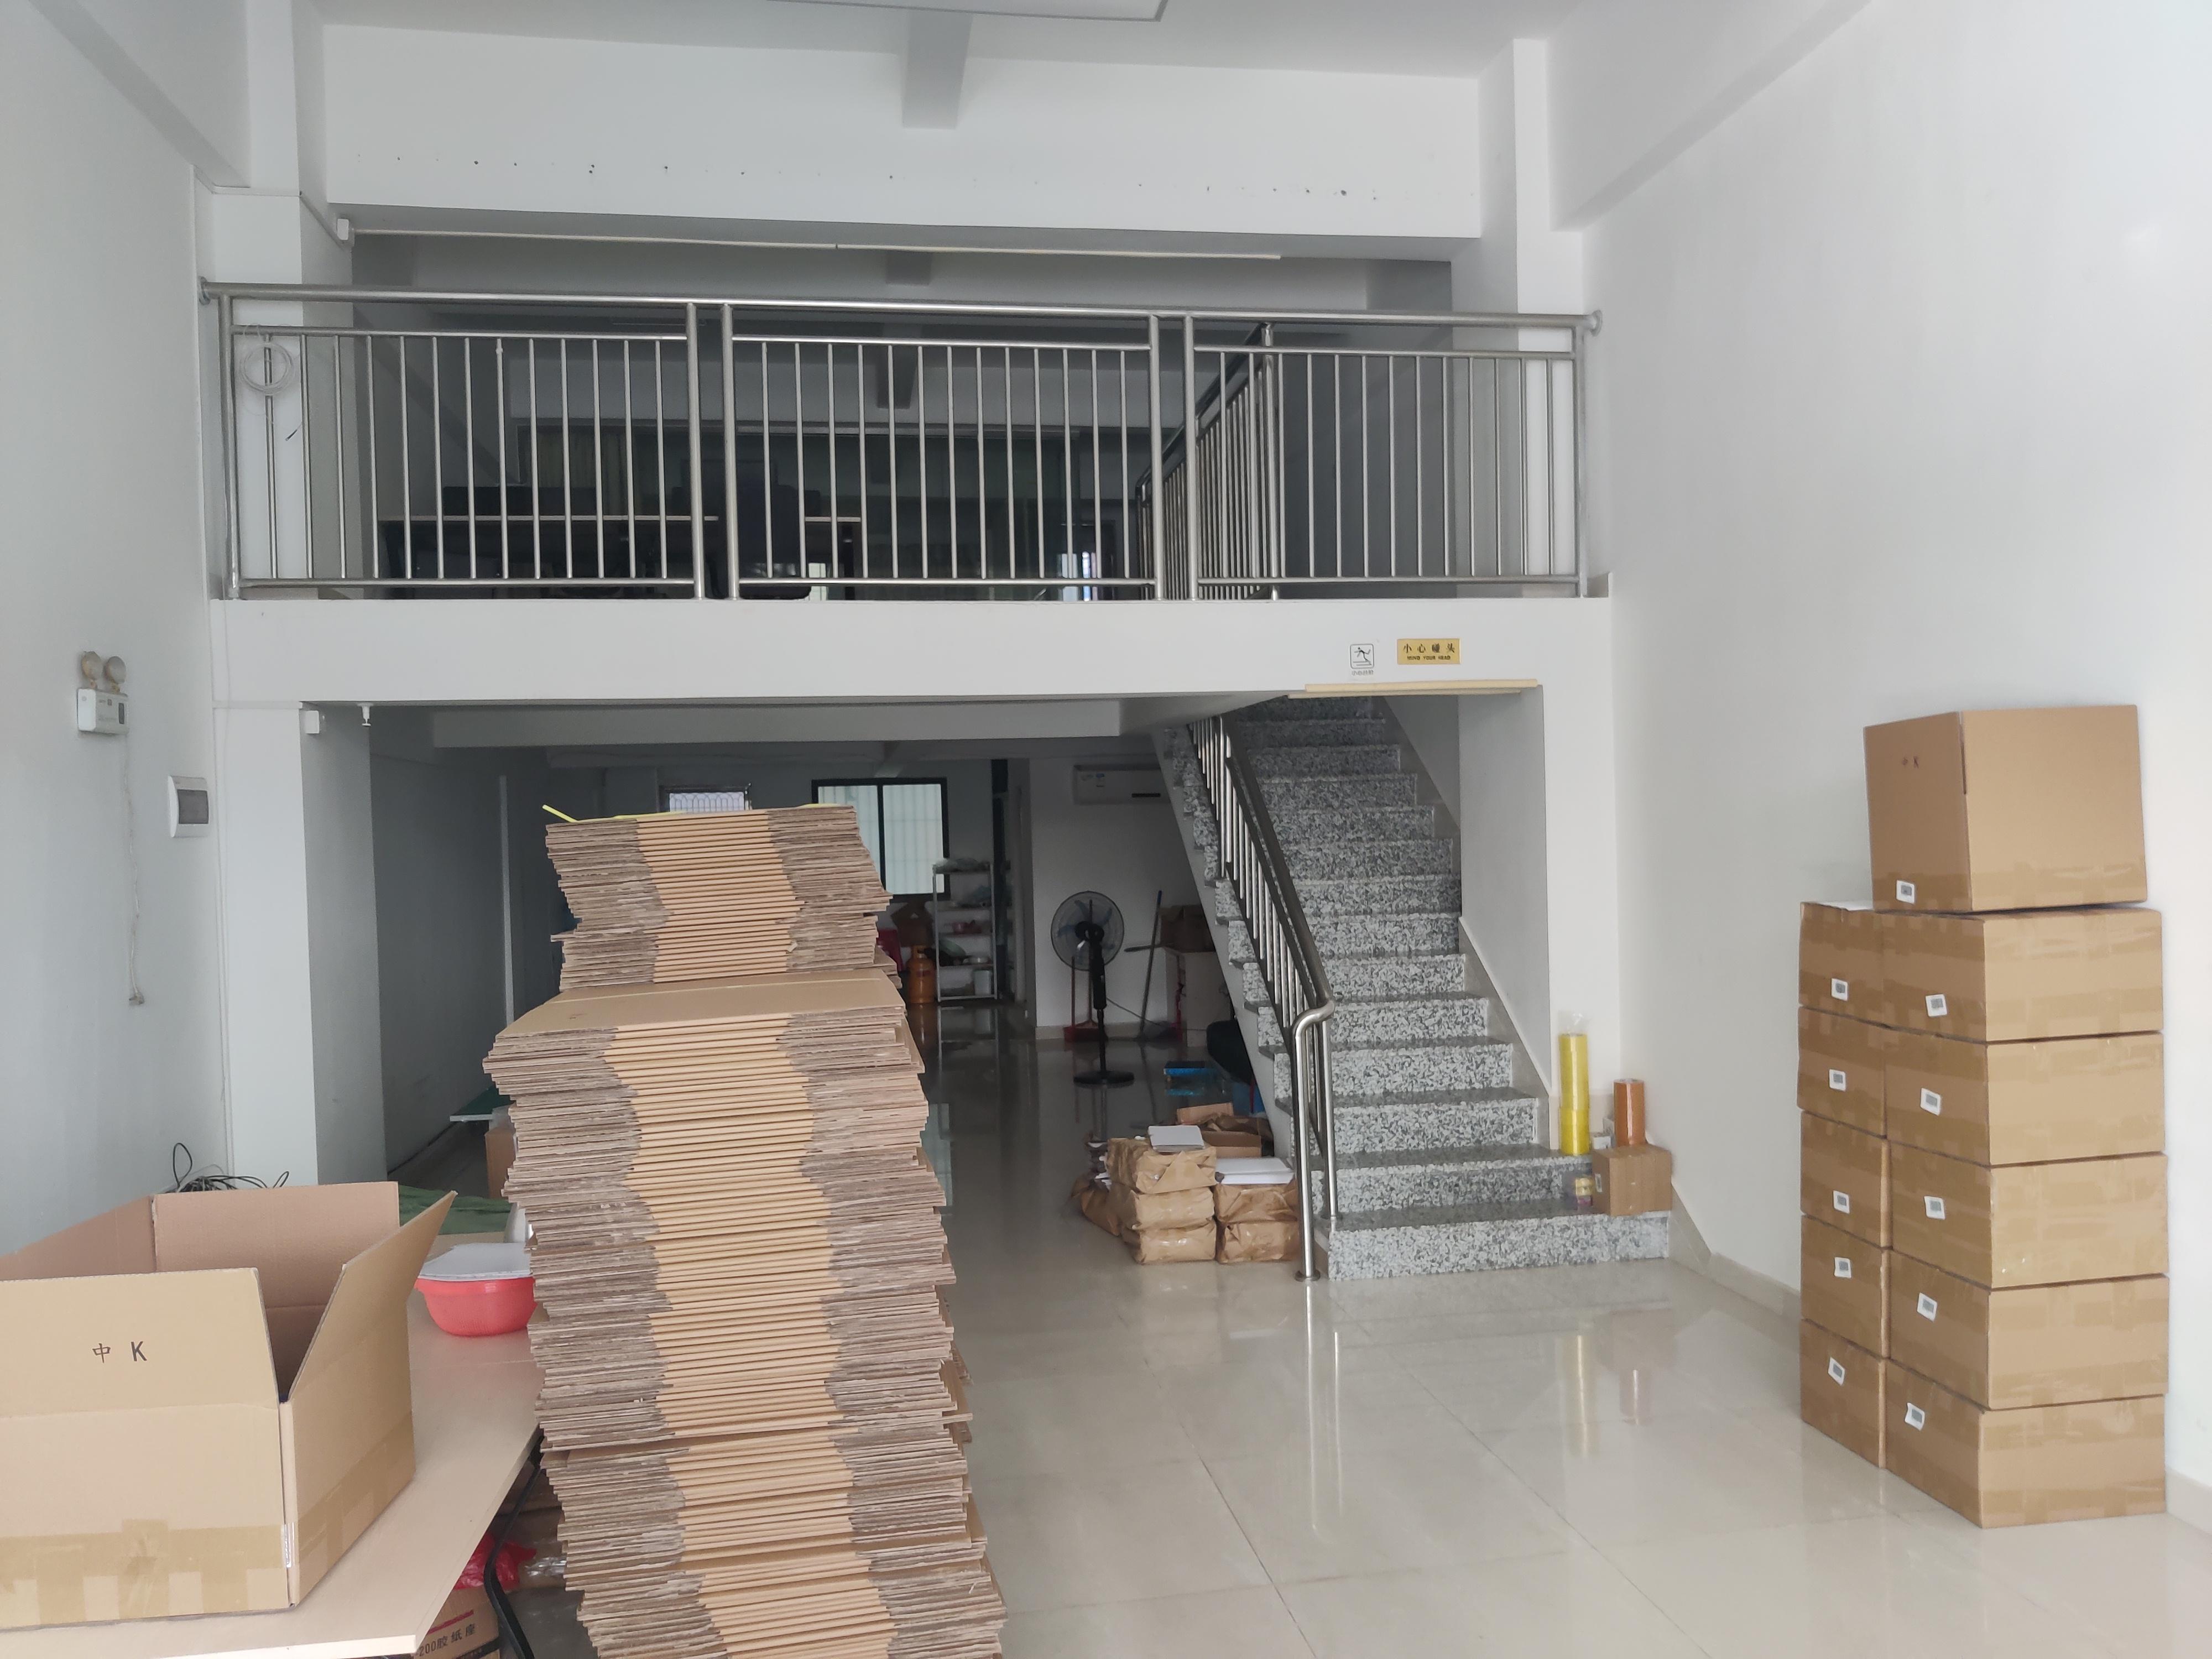 龙岗嶂背原房东一楼办公仓库厂房出租带装修带空调给钱就租